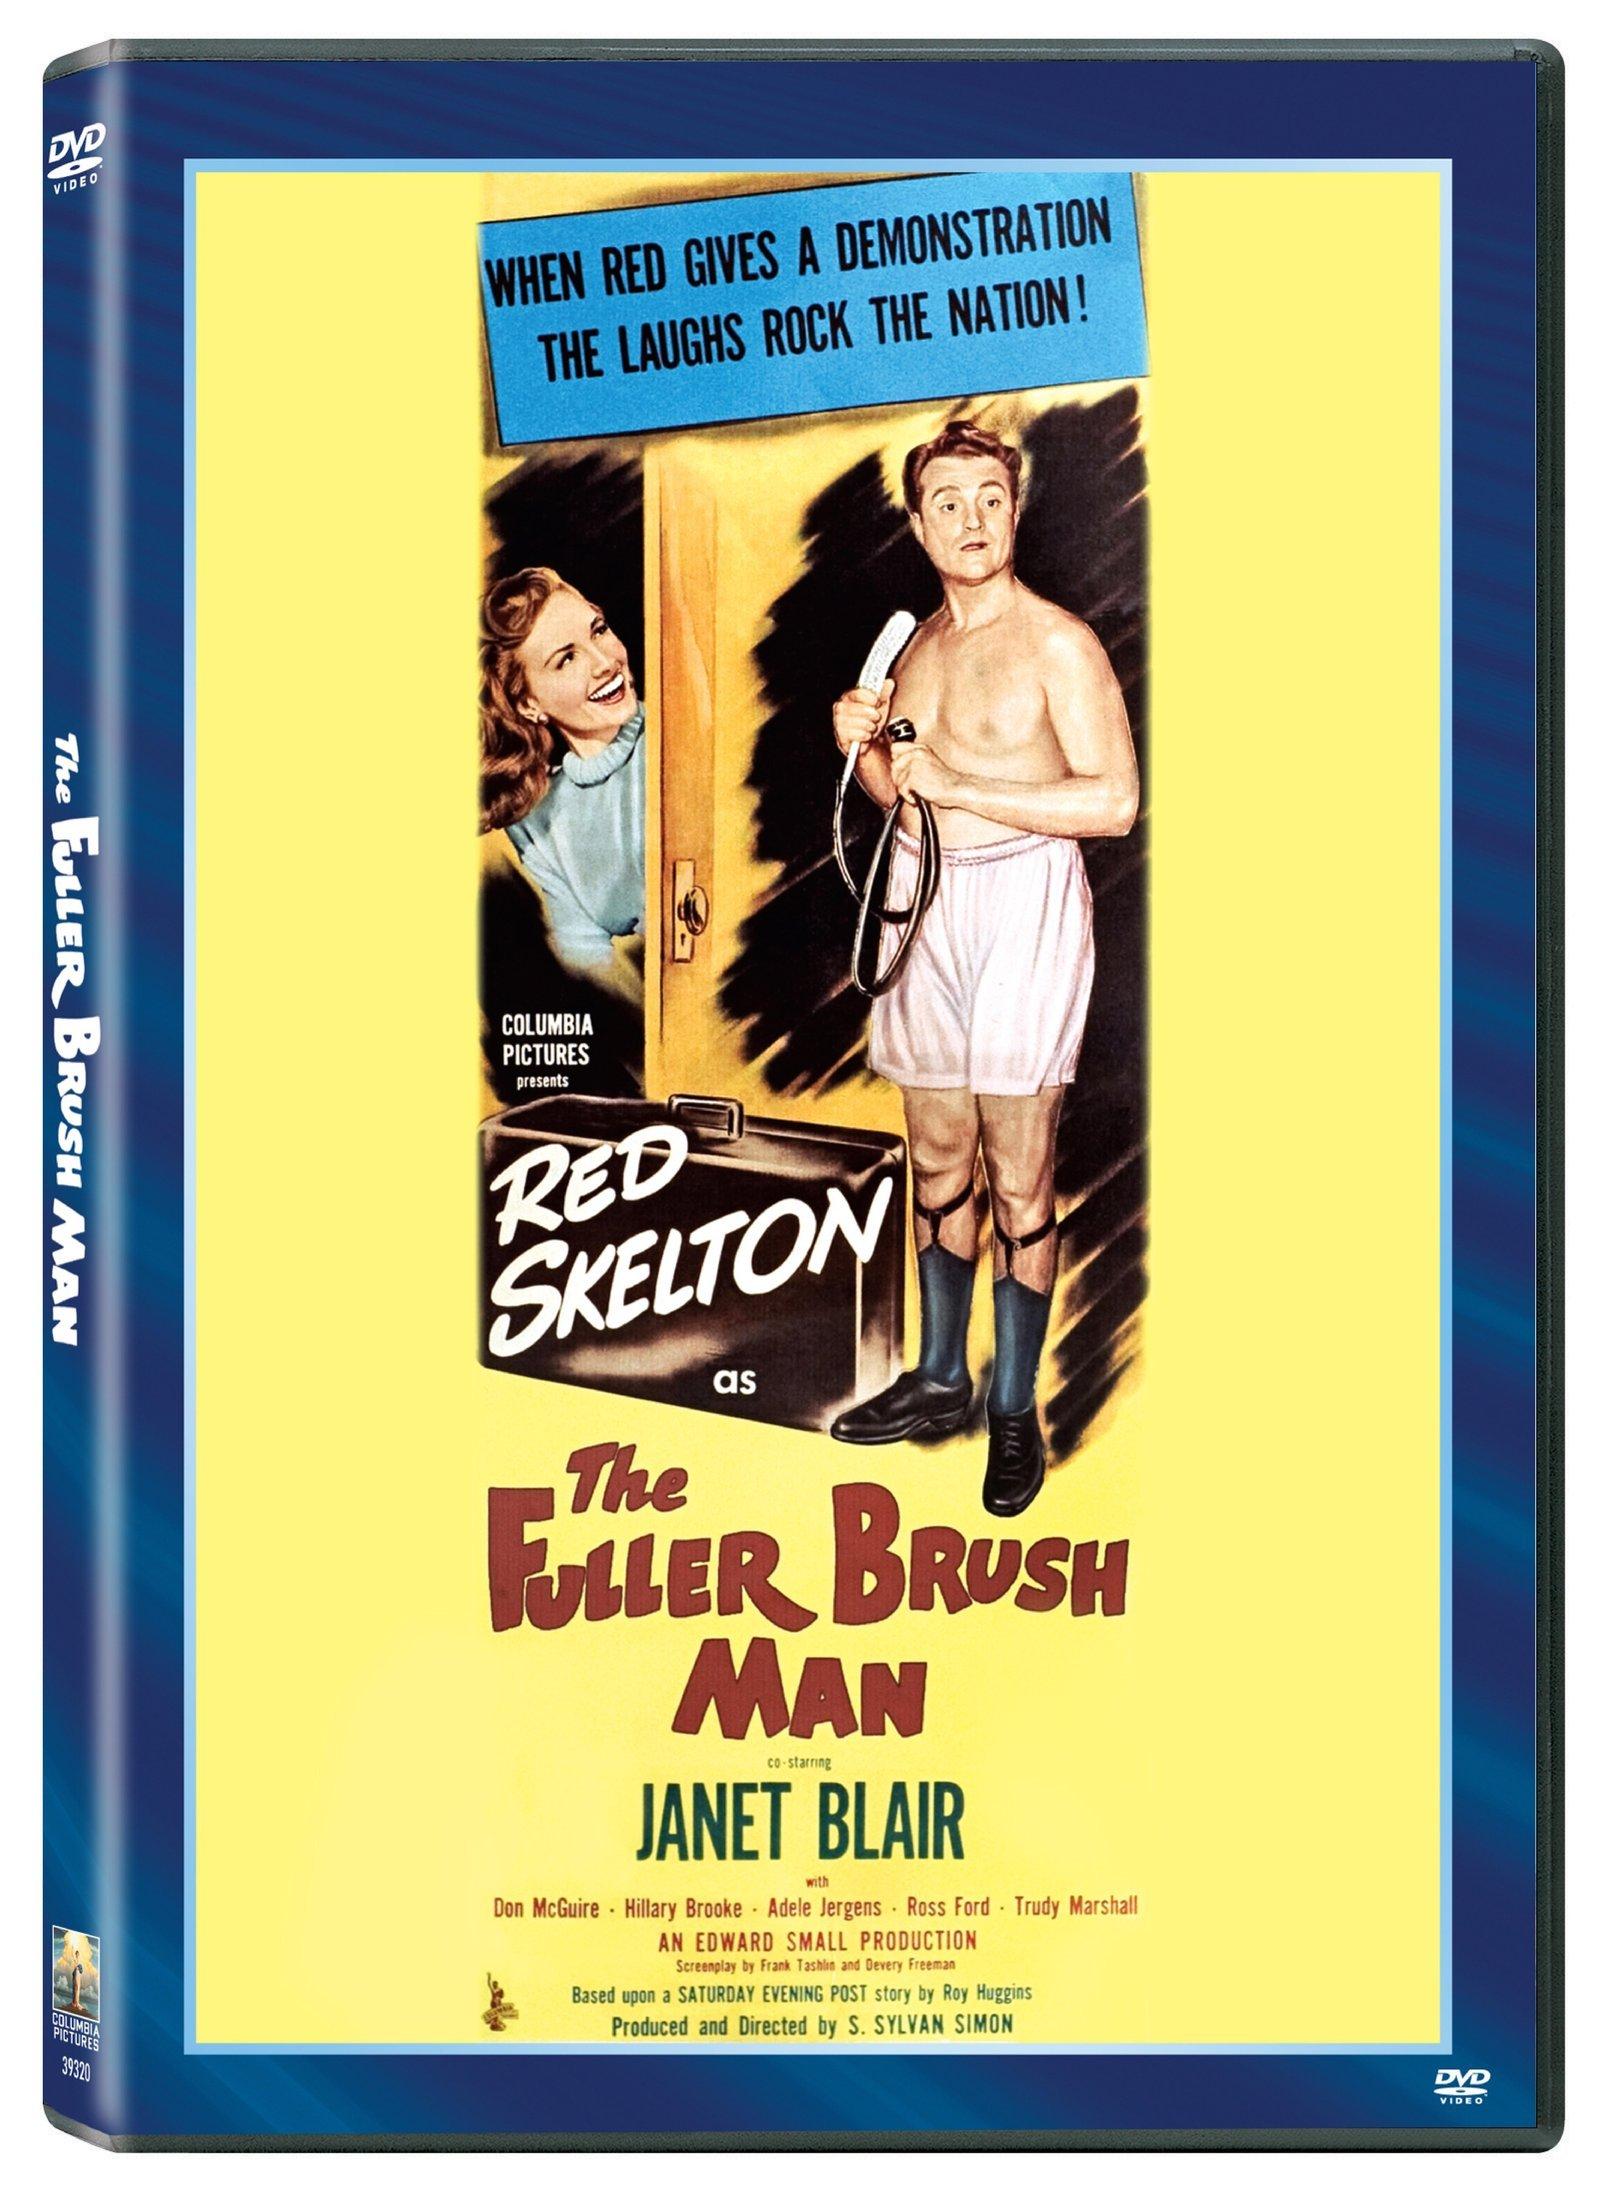 The Fuller Brush Man - Red Skelton - DVD